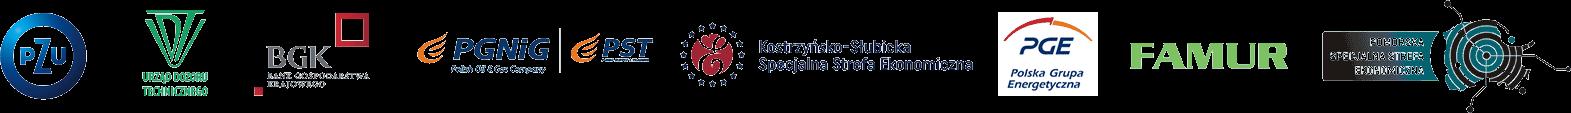 Główni partnerzy strategiczni innowacyjnej Polski na Hannover Messe 2017